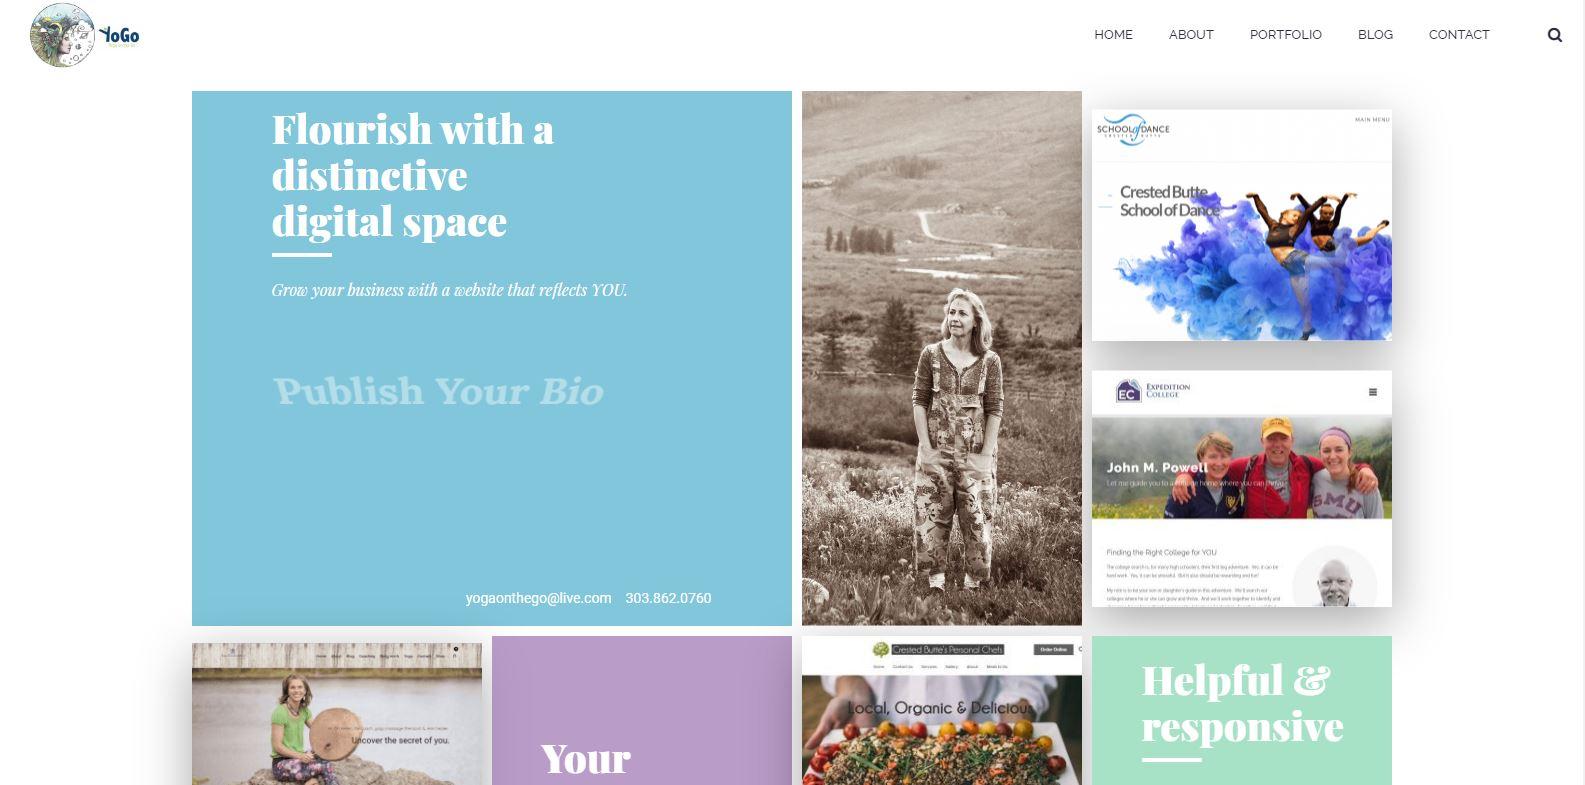 Old Yogo Web Designs home page